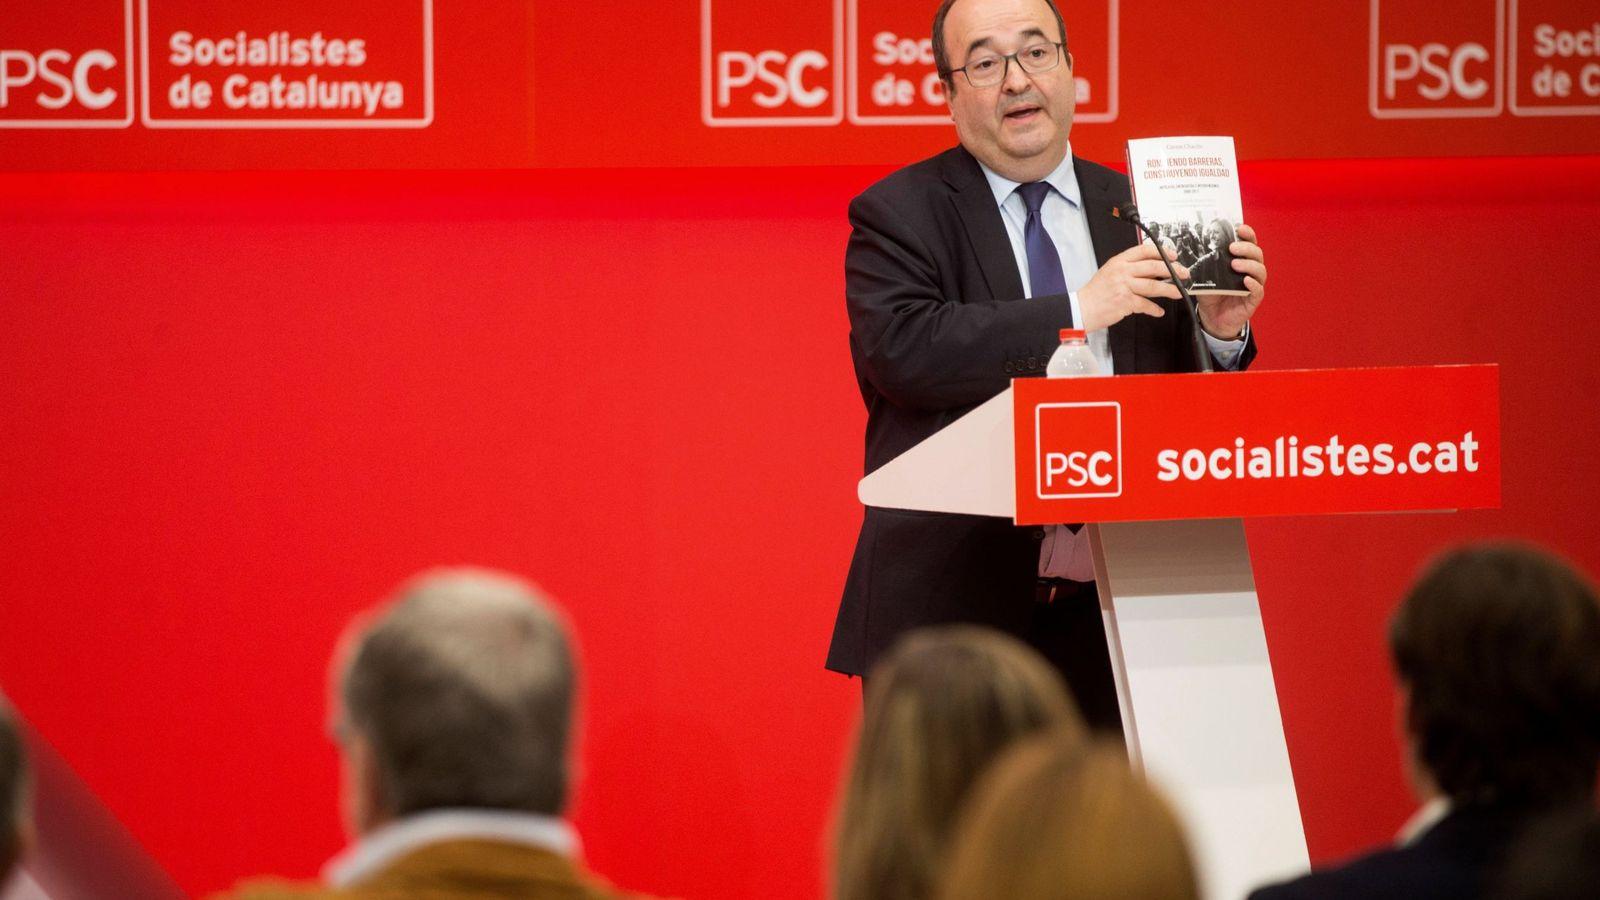 Foto: El primer secretario del PSC, Miquel Iceta, el pasado 8 de mayo en la sede del PSC en Barcelona. (EFE)